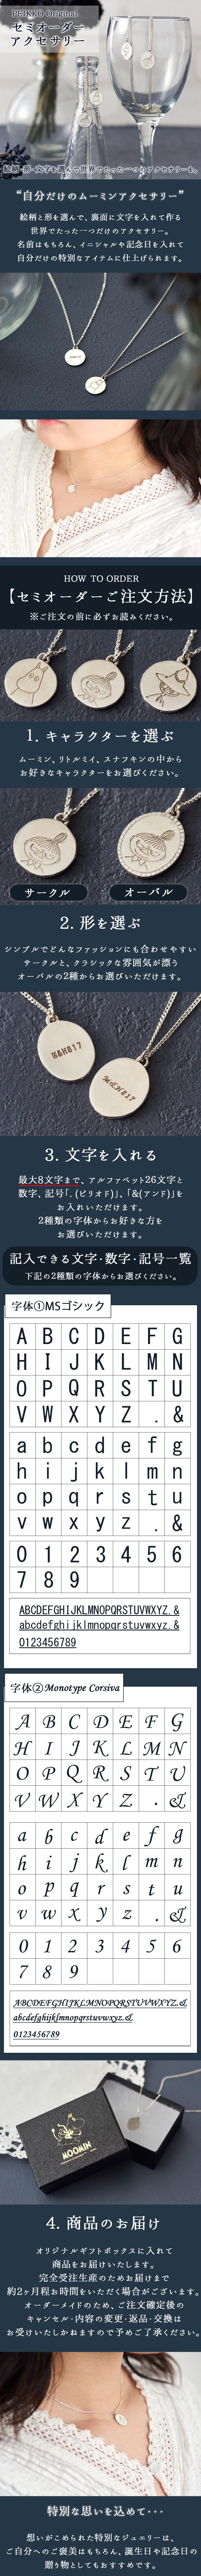 ムーミン公式オンラインショップPEIKKO セミオーダーアクセサリー